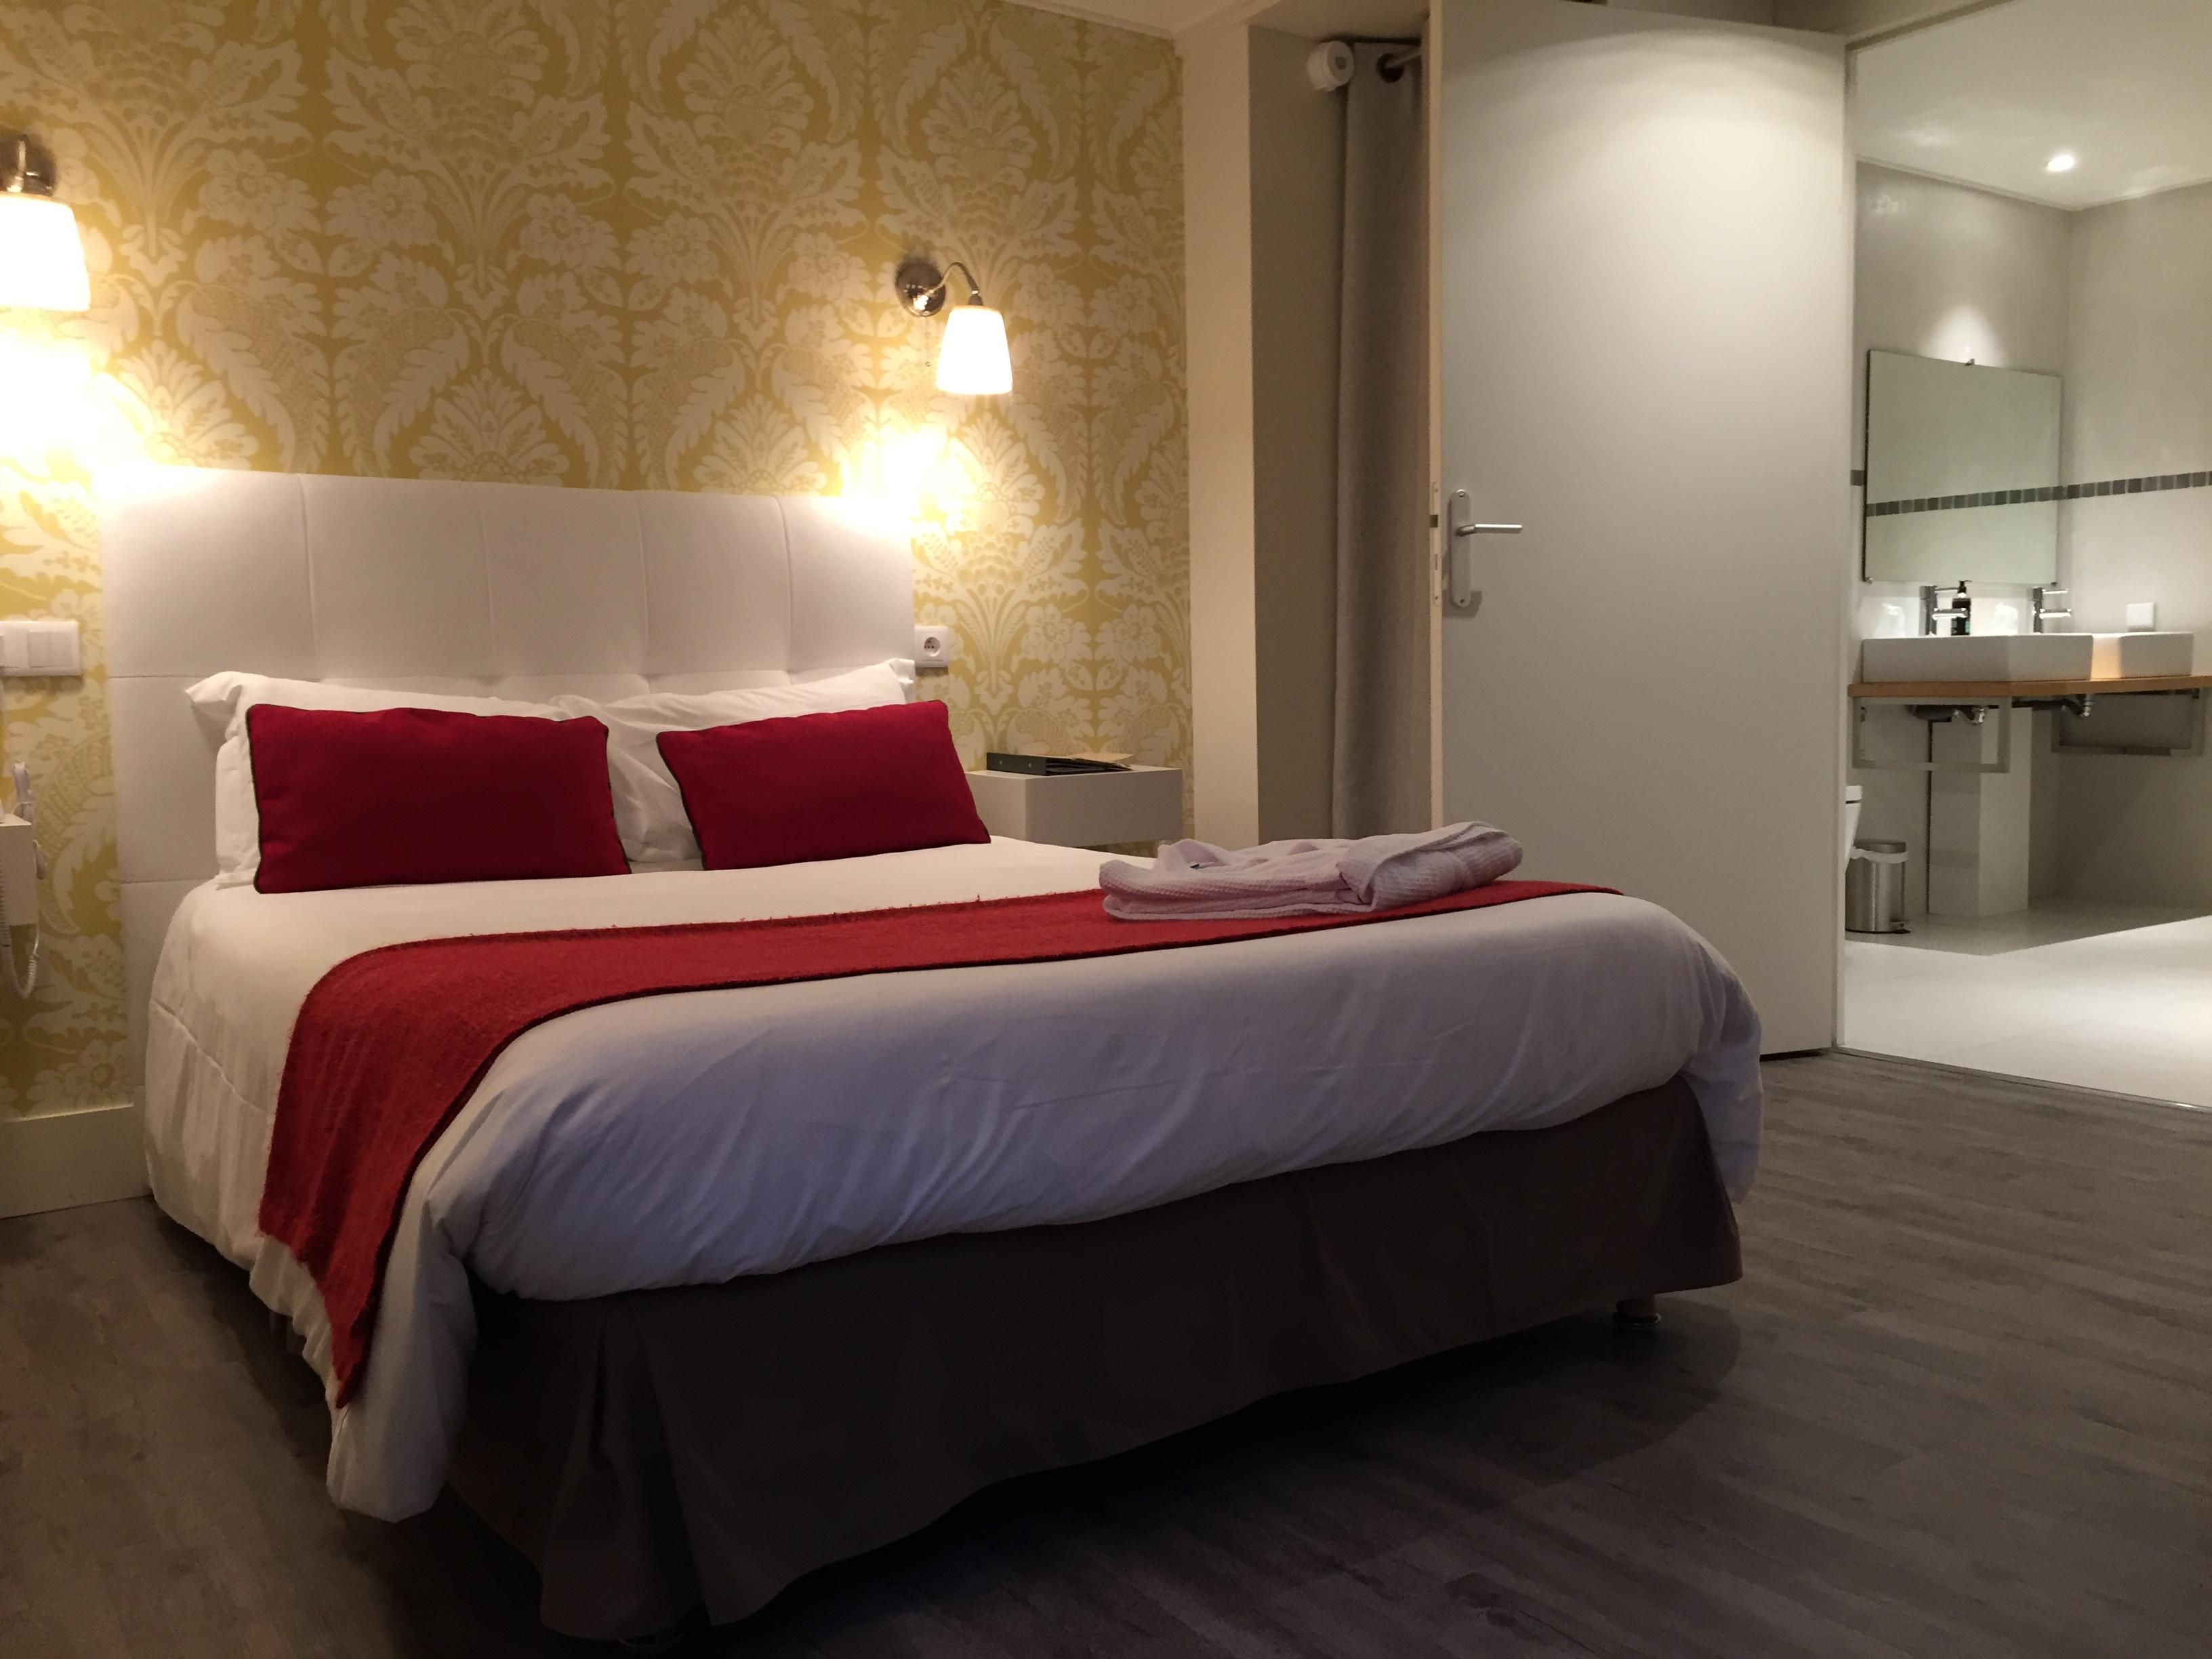 hotel-dauphin-chambre-pmr5